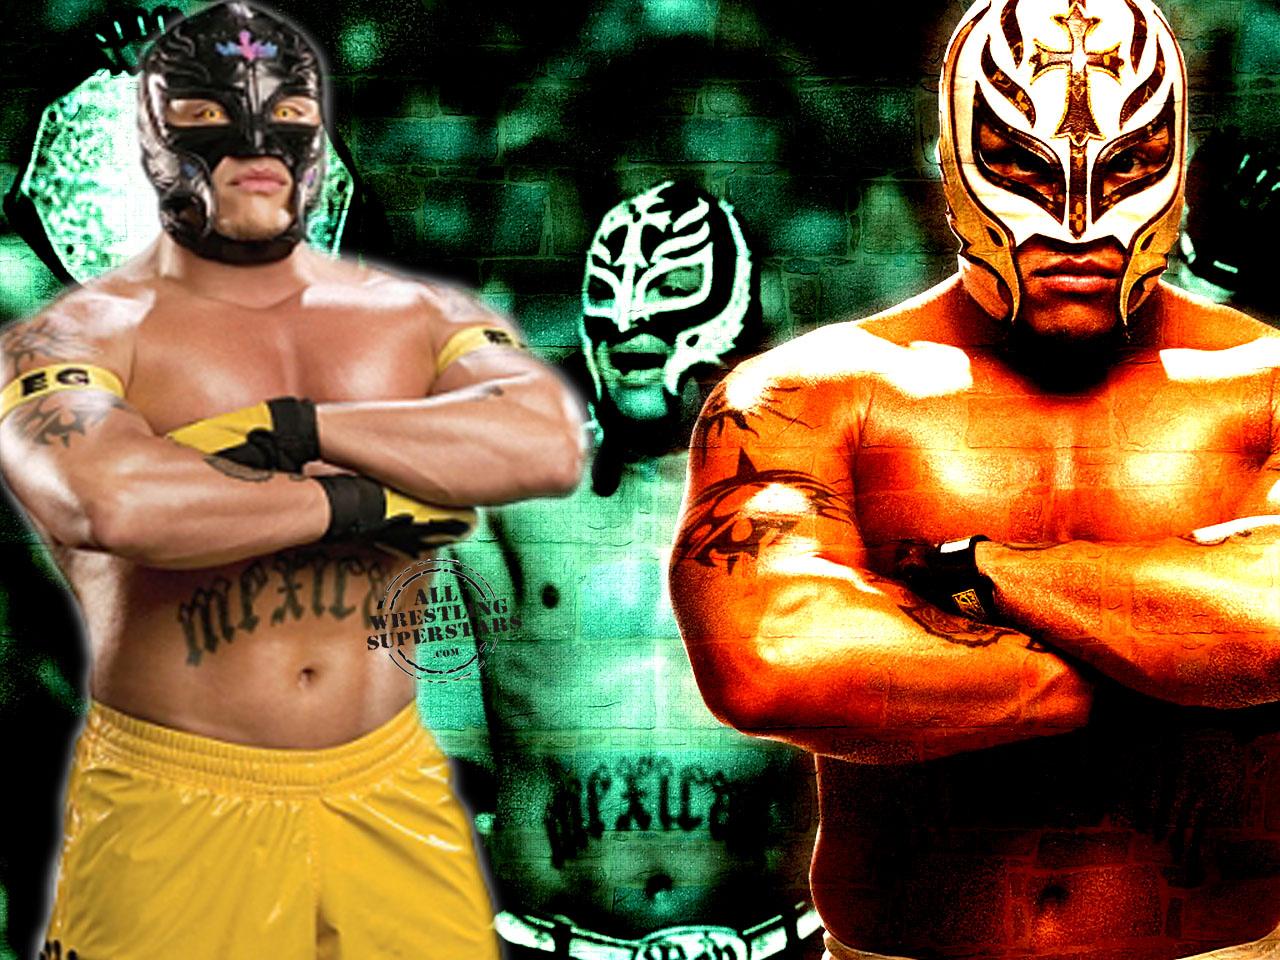 http://1.bp.blogspot.com/-4m6f7a5SKMU/TilPPyVShWI/AAAAAAAAAQk/2vEe89DRq8k/s1600/rey-mysterio-wallpapers-7.jpg